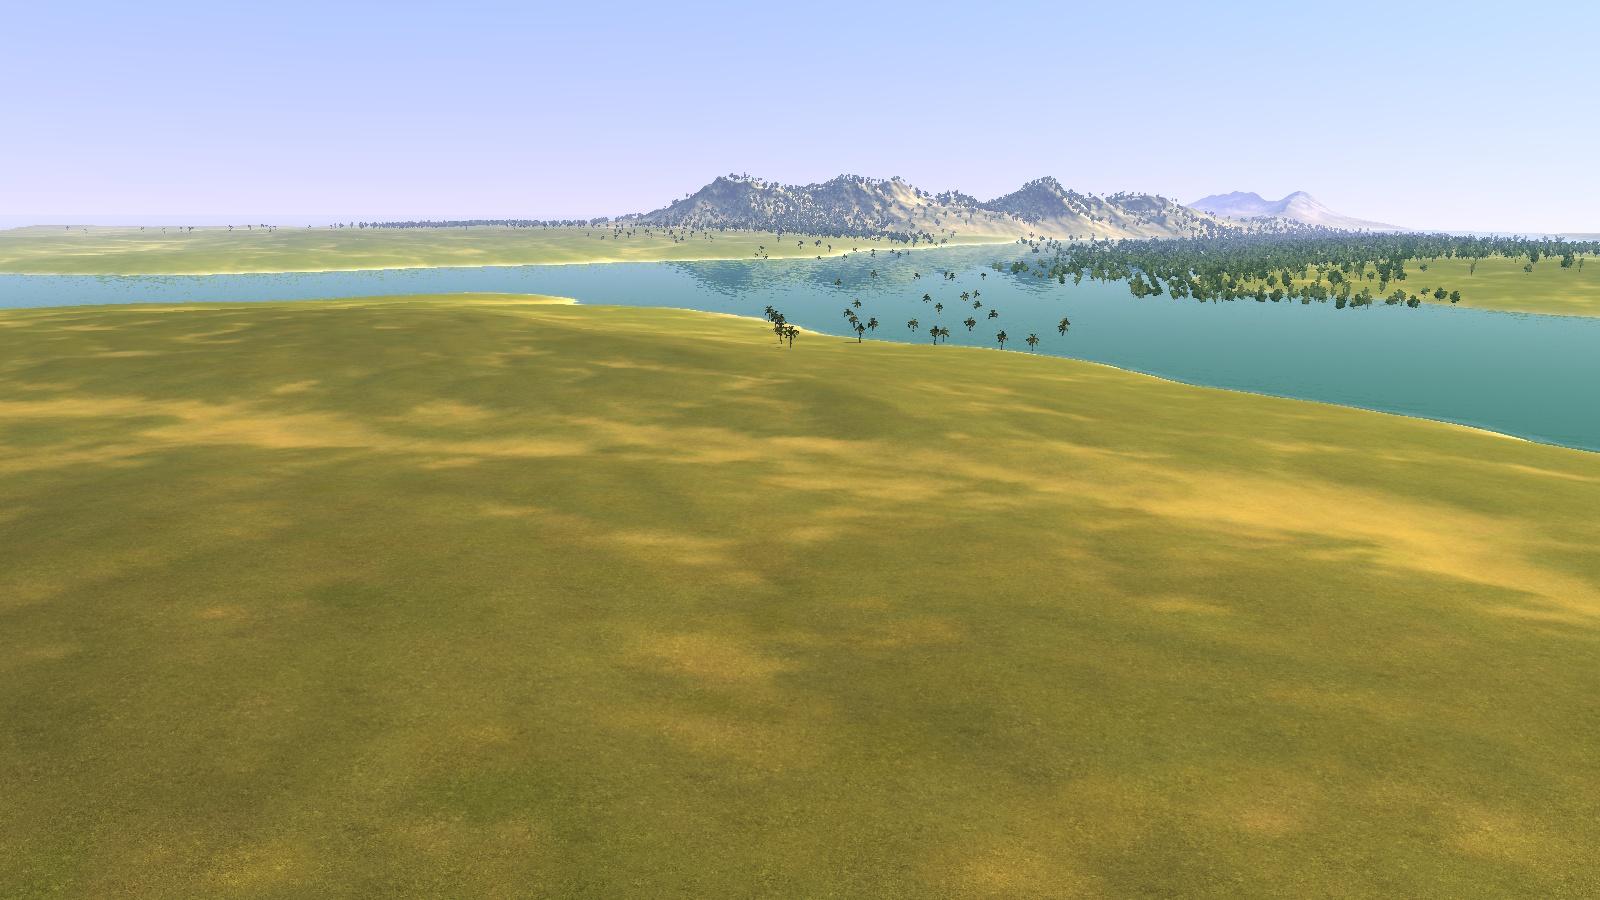 gamescreen0002.jpg